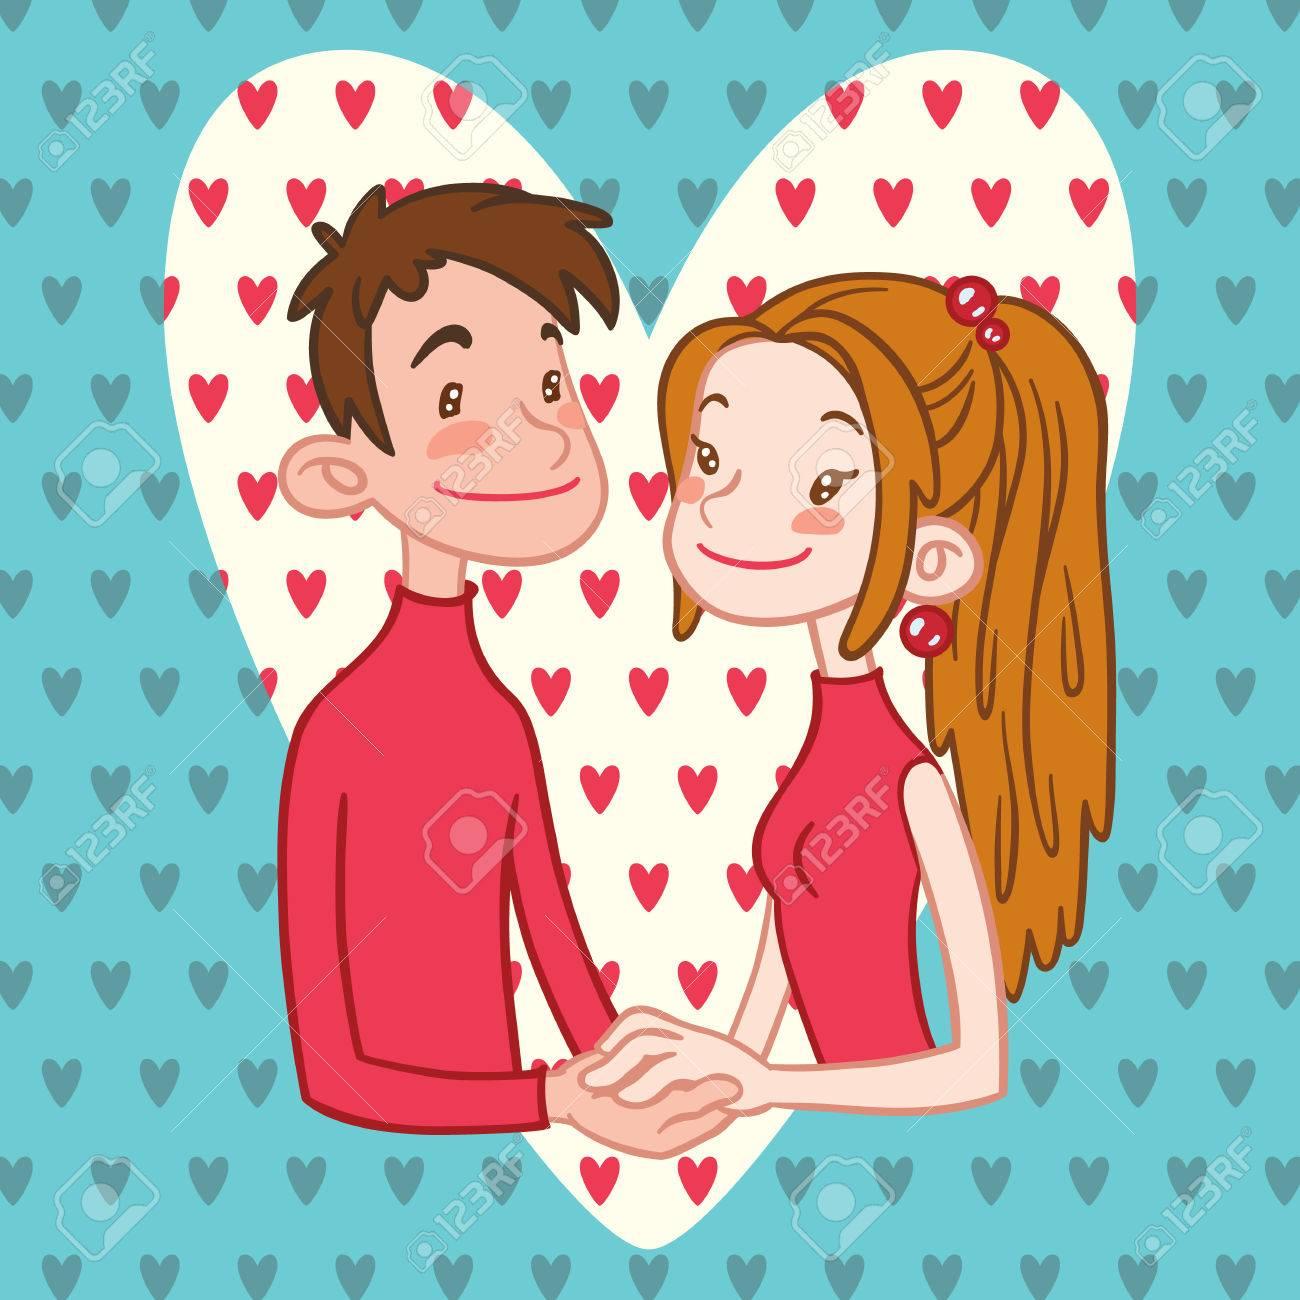 背景に心で手を繋いでいるロマンチックなカップルのイラスト。男の子と